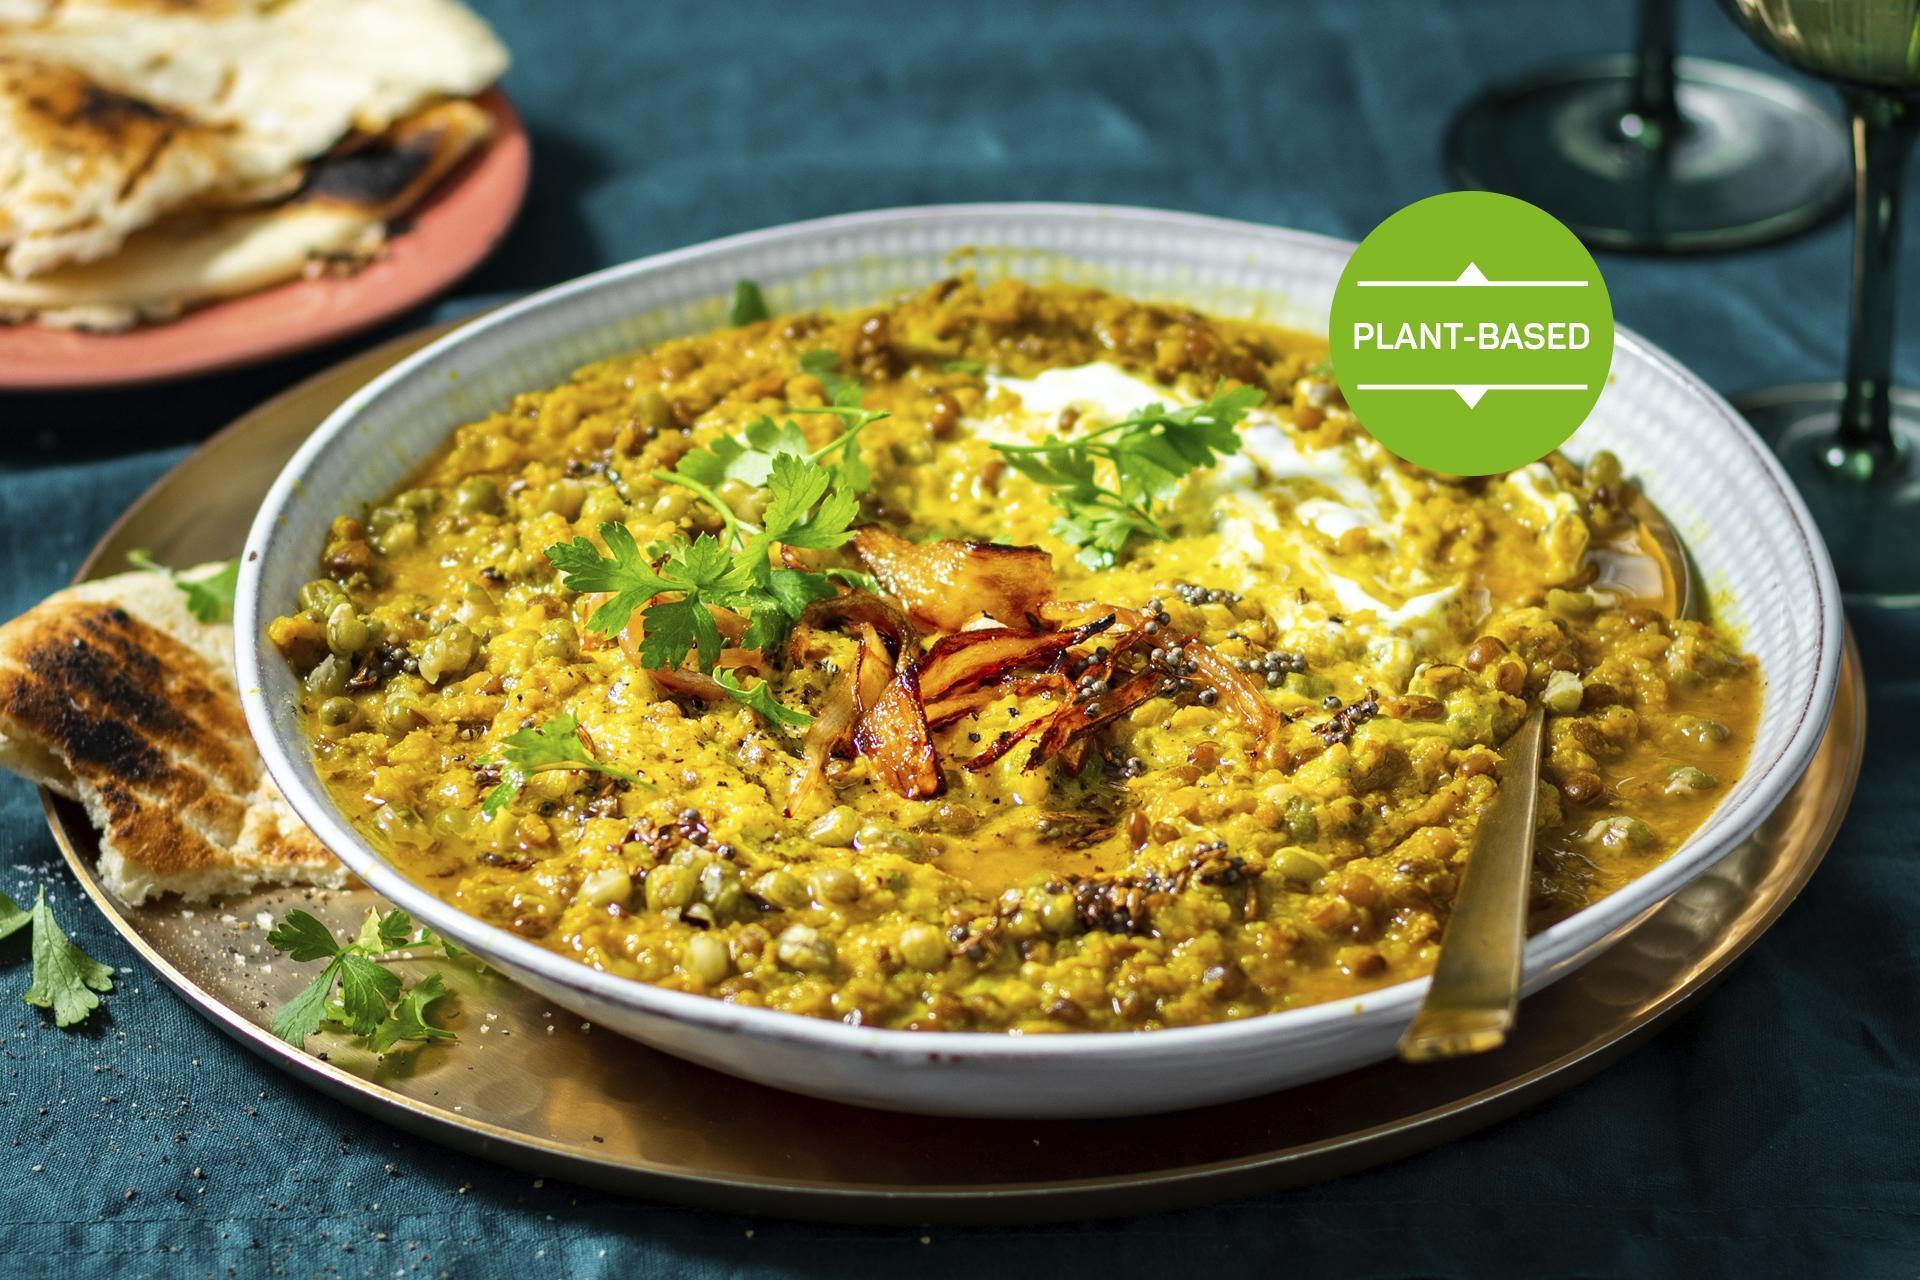 Cauliflower and mungbean kitchari